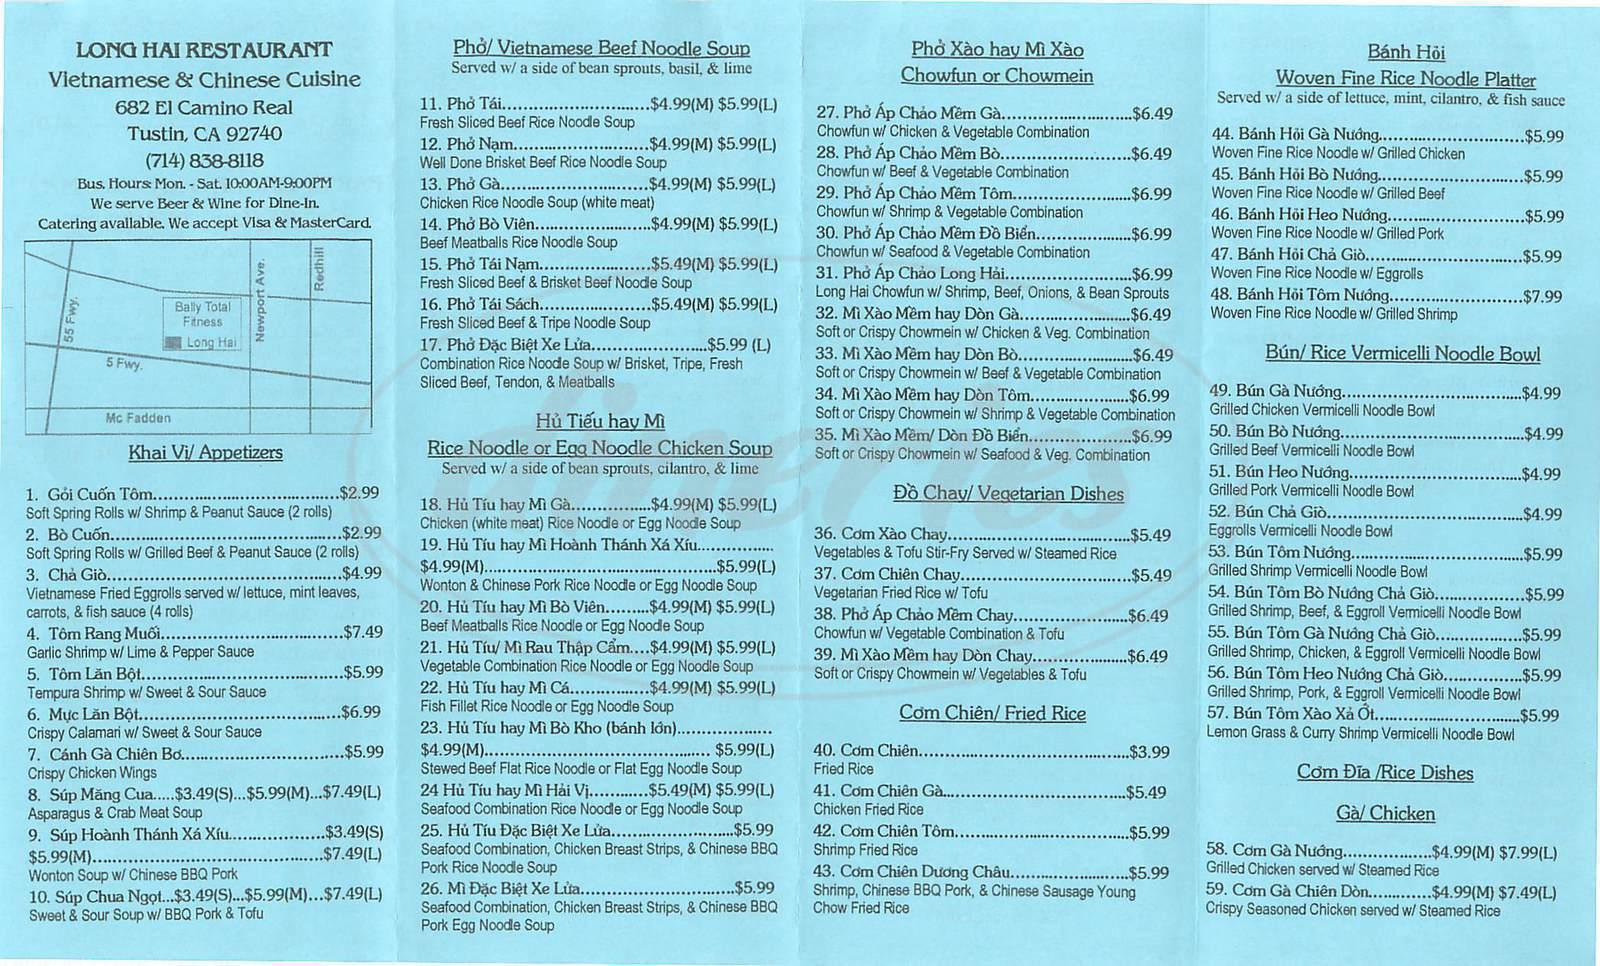 menu for Long Hai Restaurant